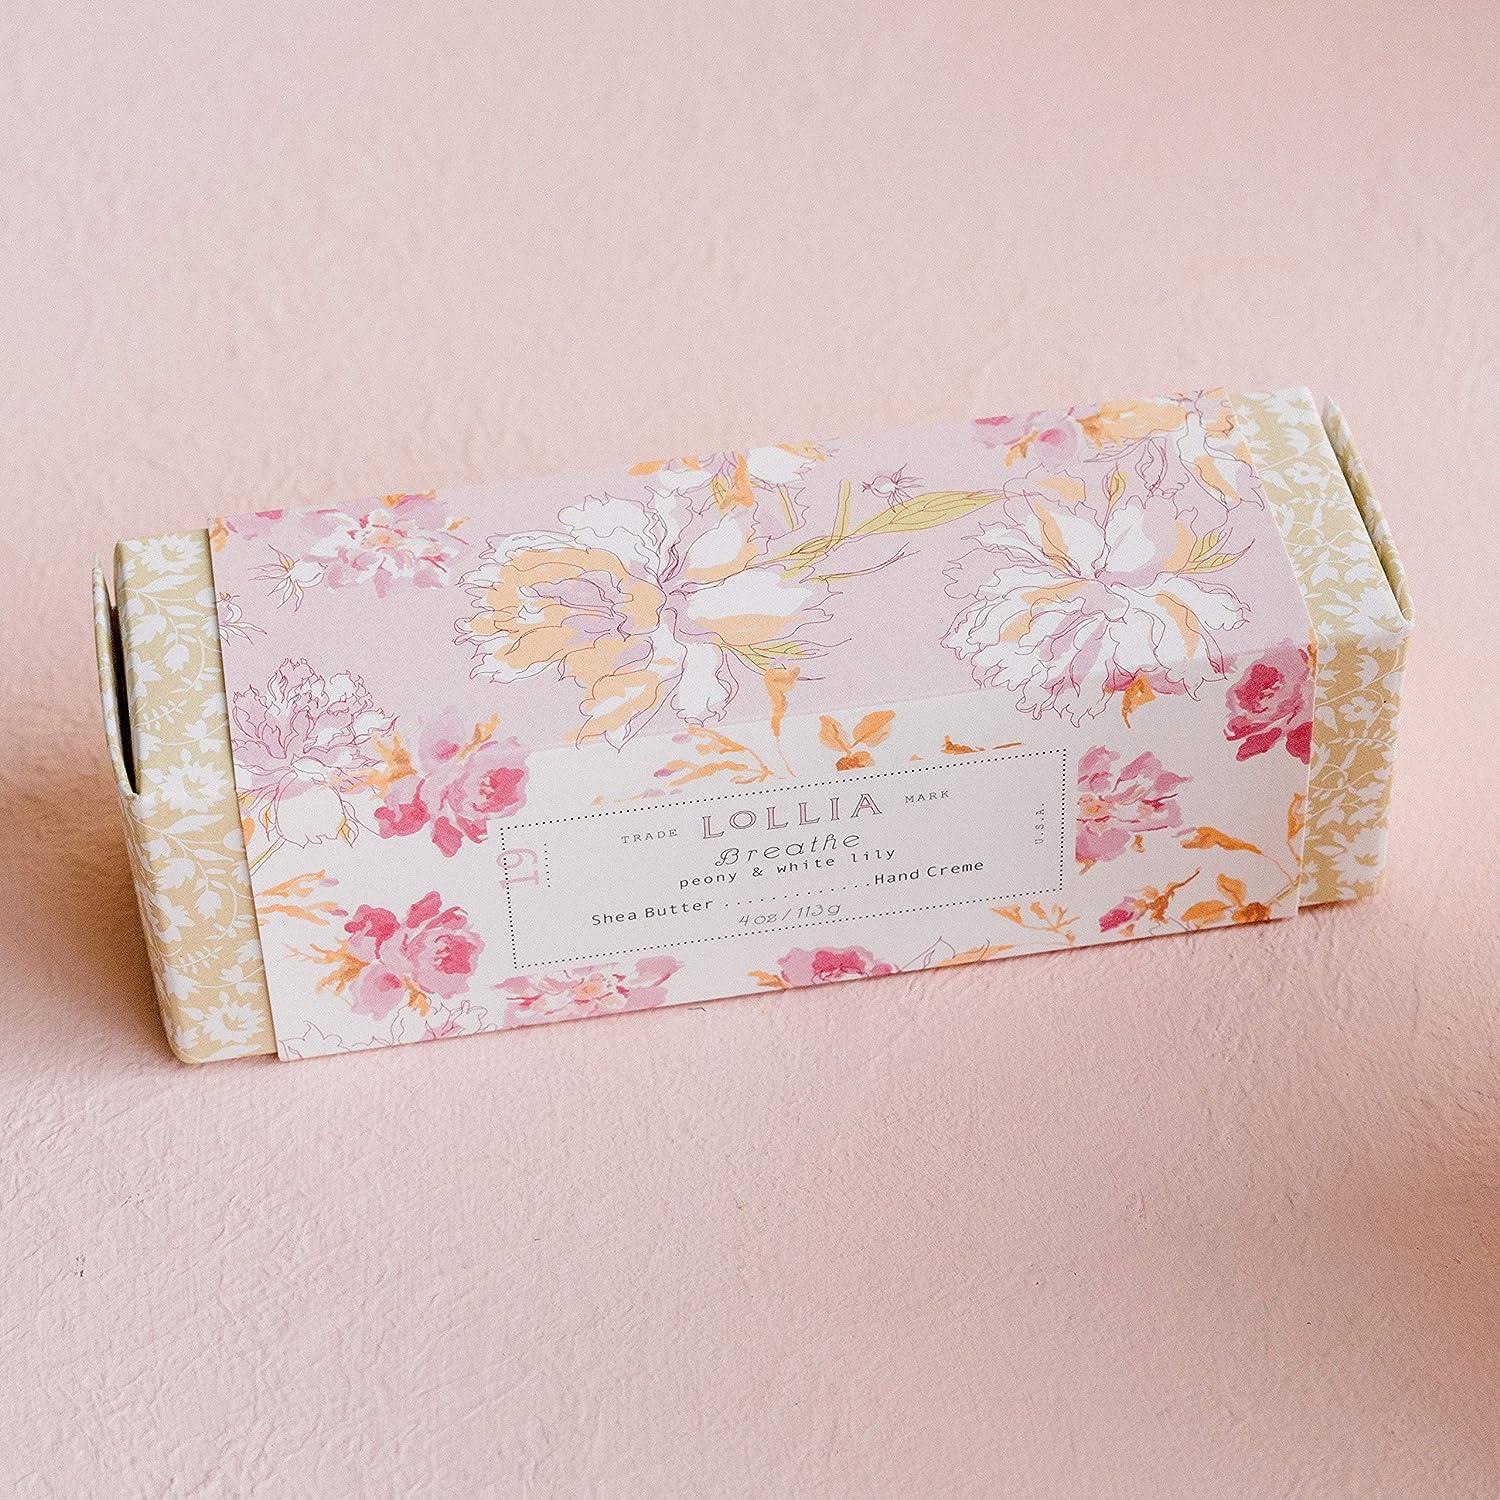 Lollia Breathe Hand Cream